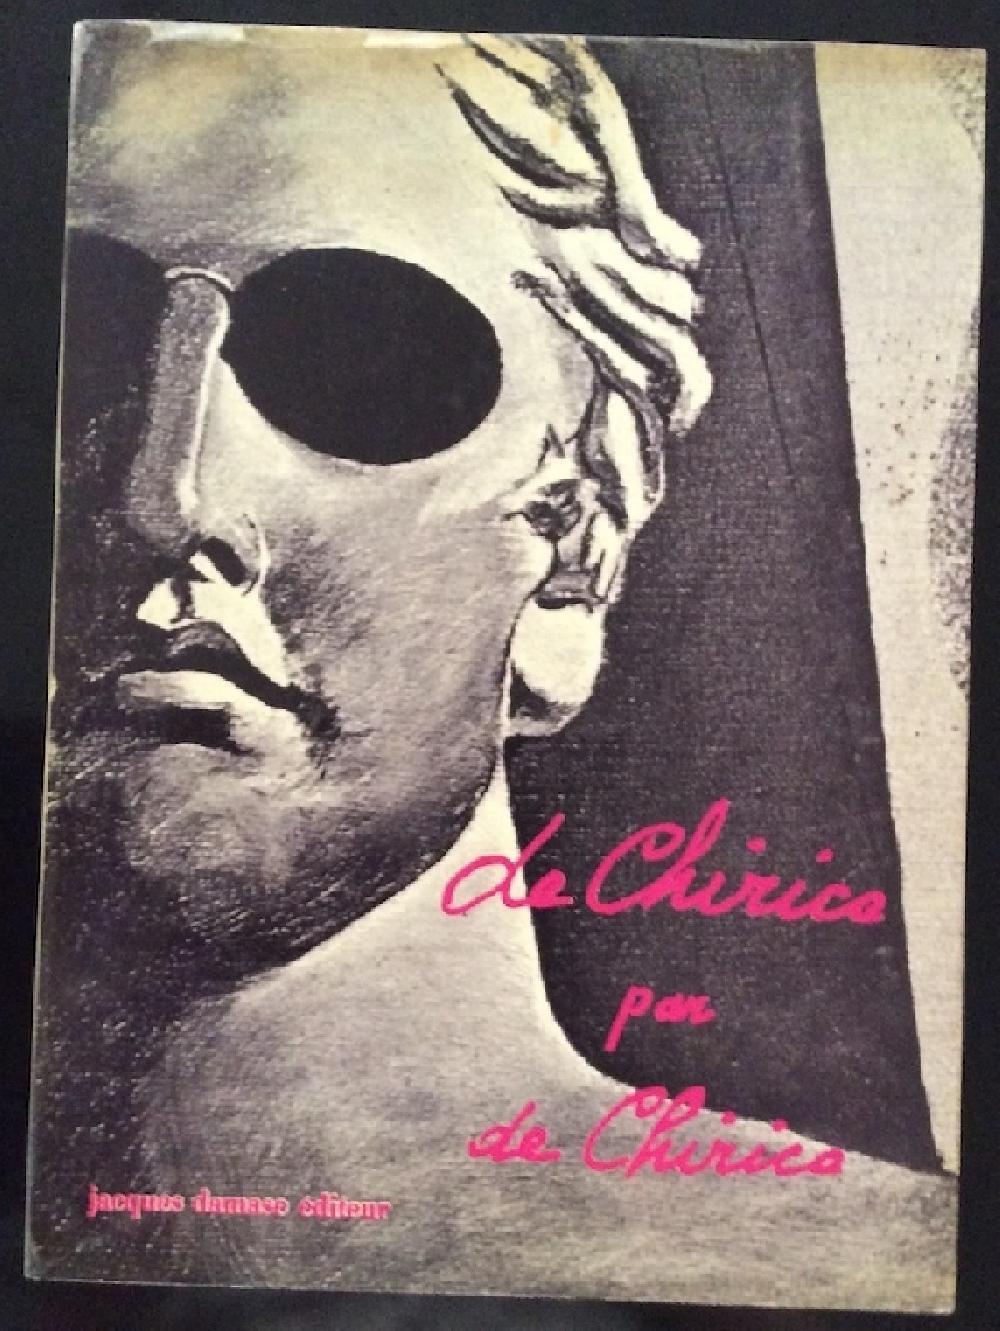 De Chirico par De Chirico